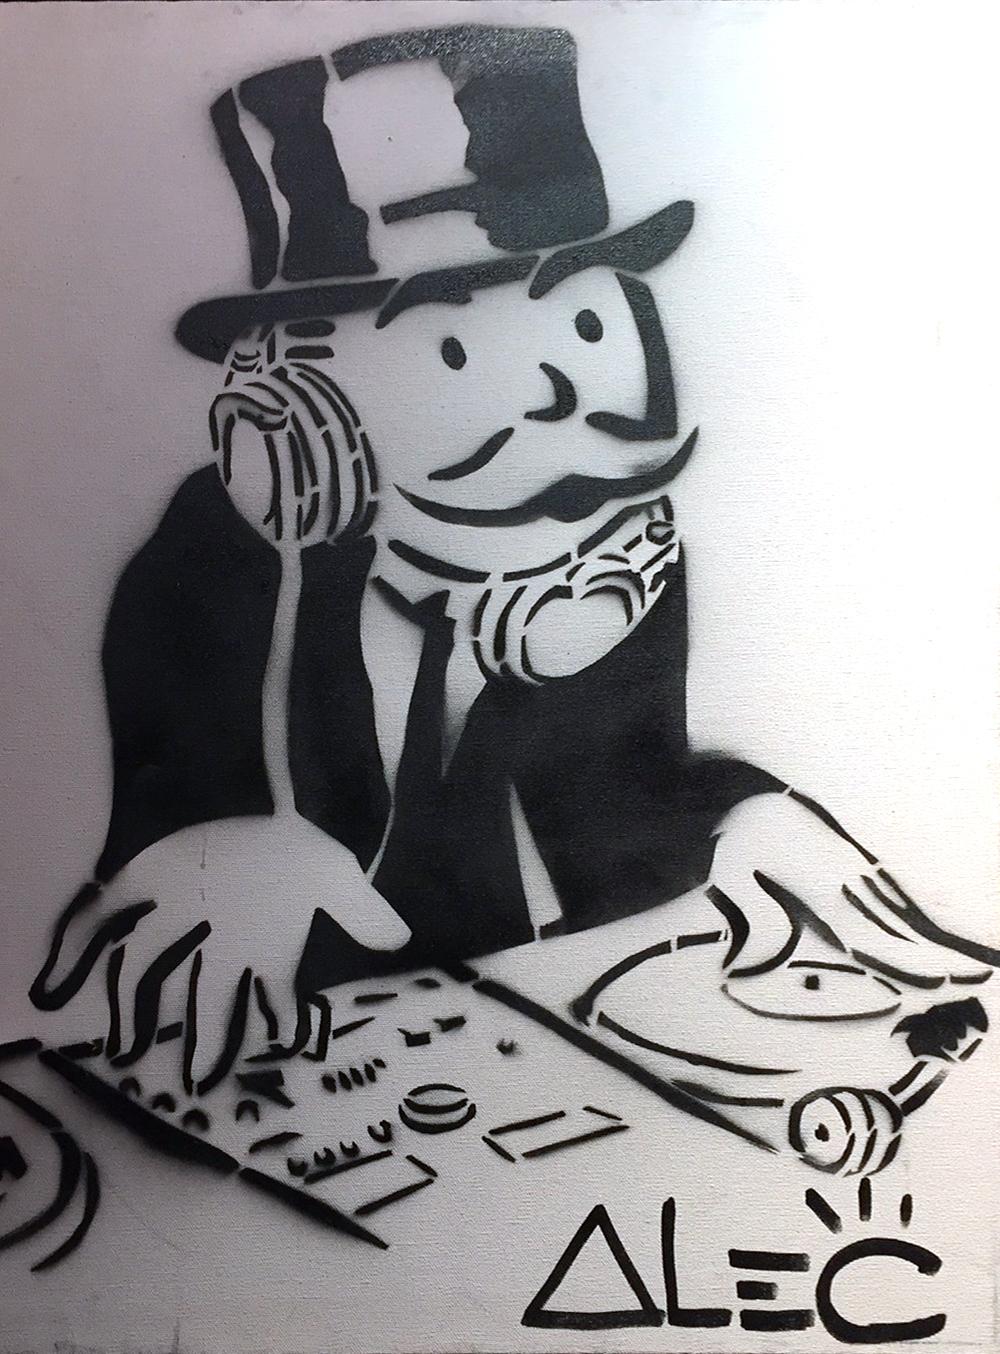 DJ Black & White by Alec Monopoly